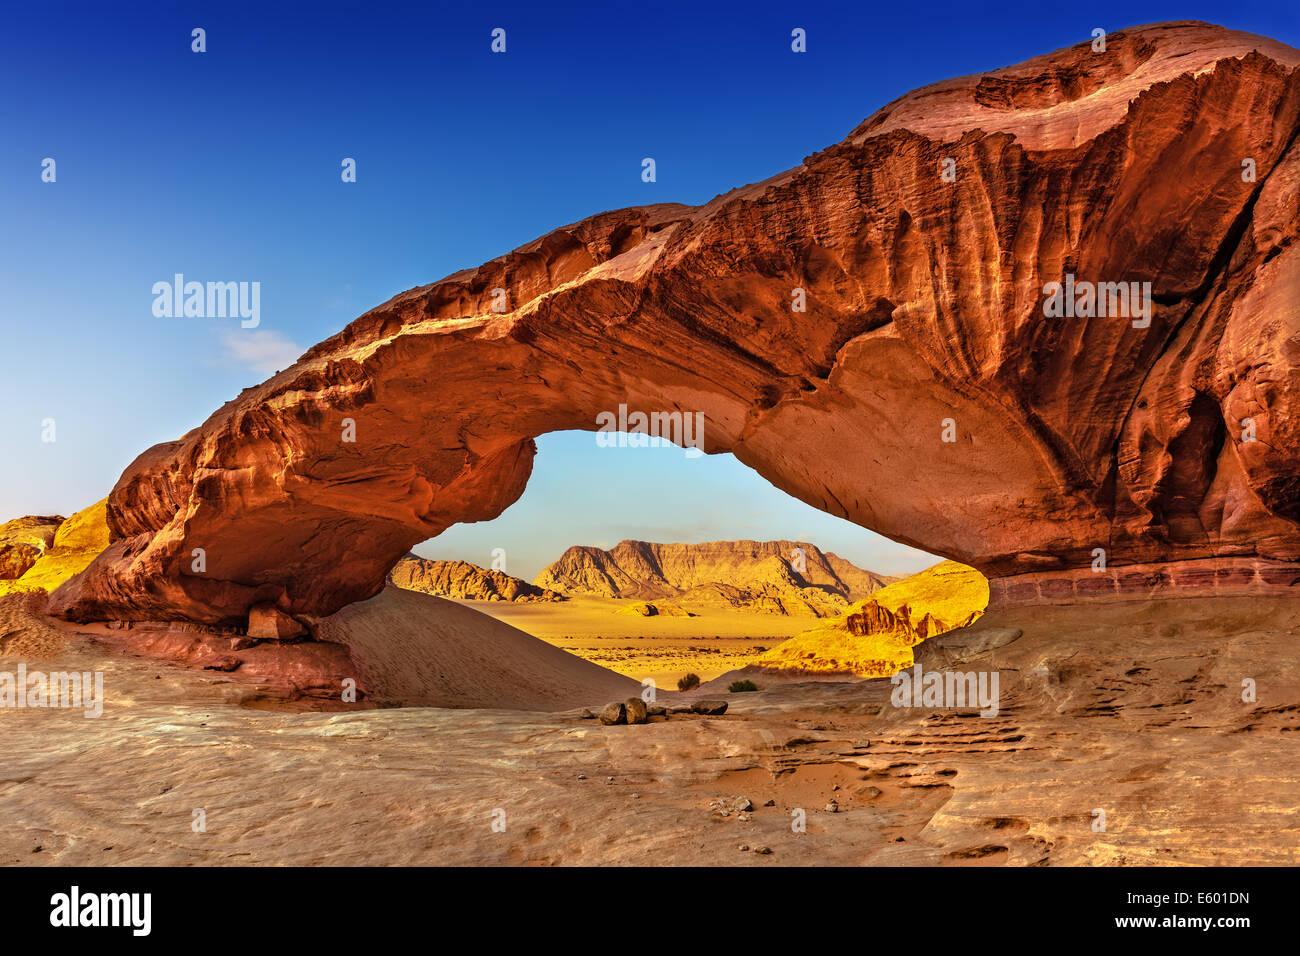 Voir à travers un rock arch dans le désert du Wadi Rum, Jordanie, Moyen-Orient Photo Stock